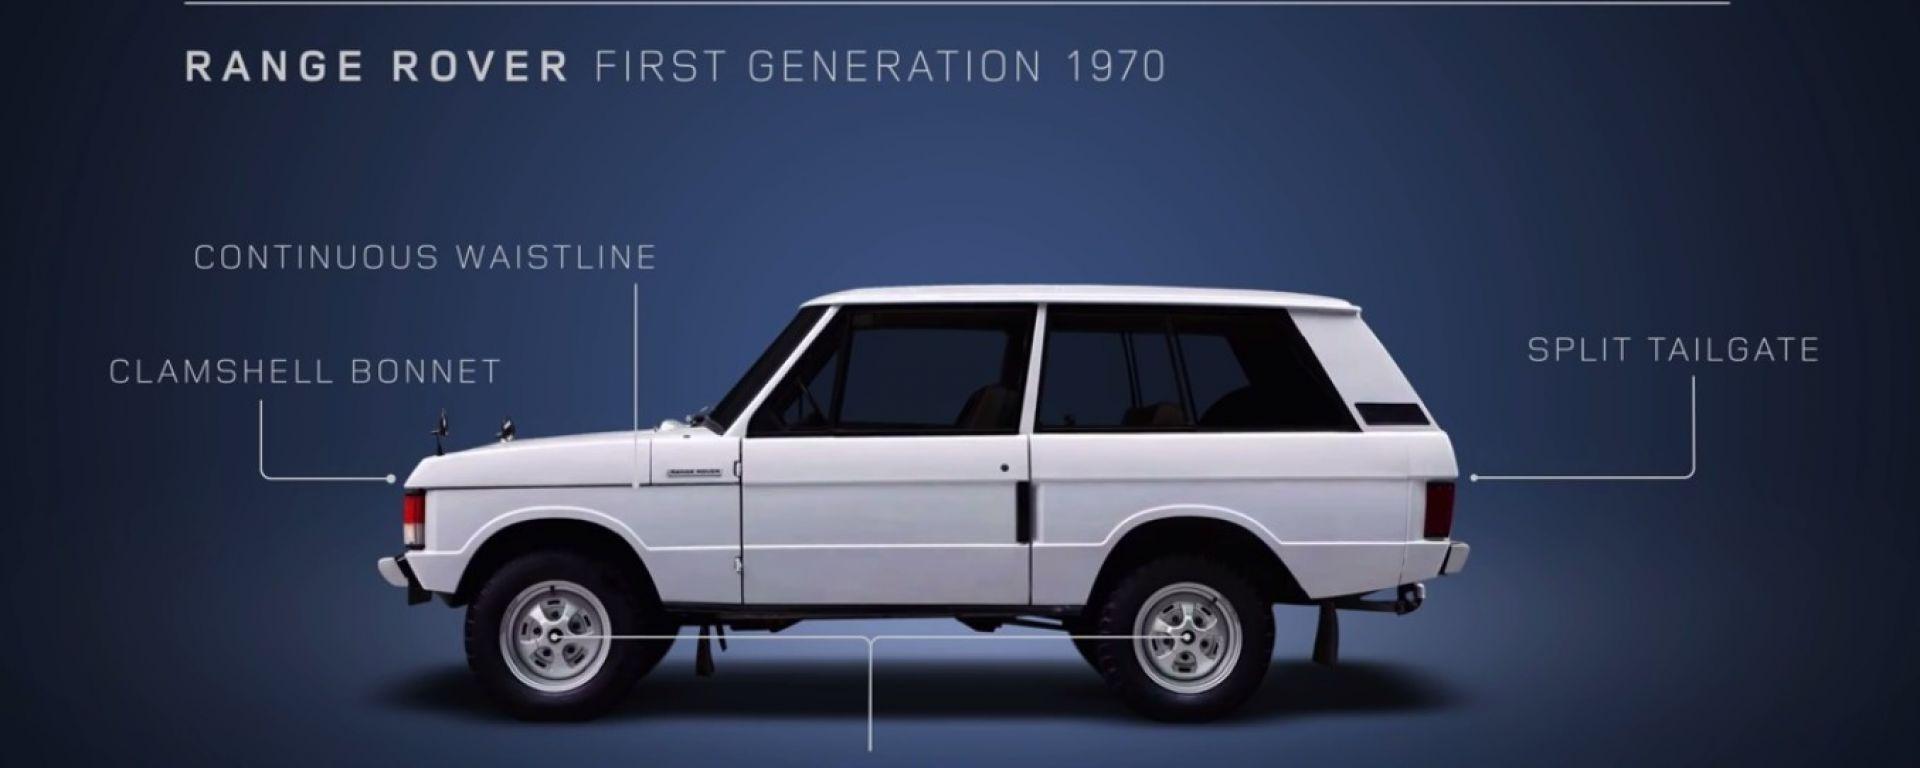 Range Rover, Prima Generazione, 1970, primo con trazione integrale permanente